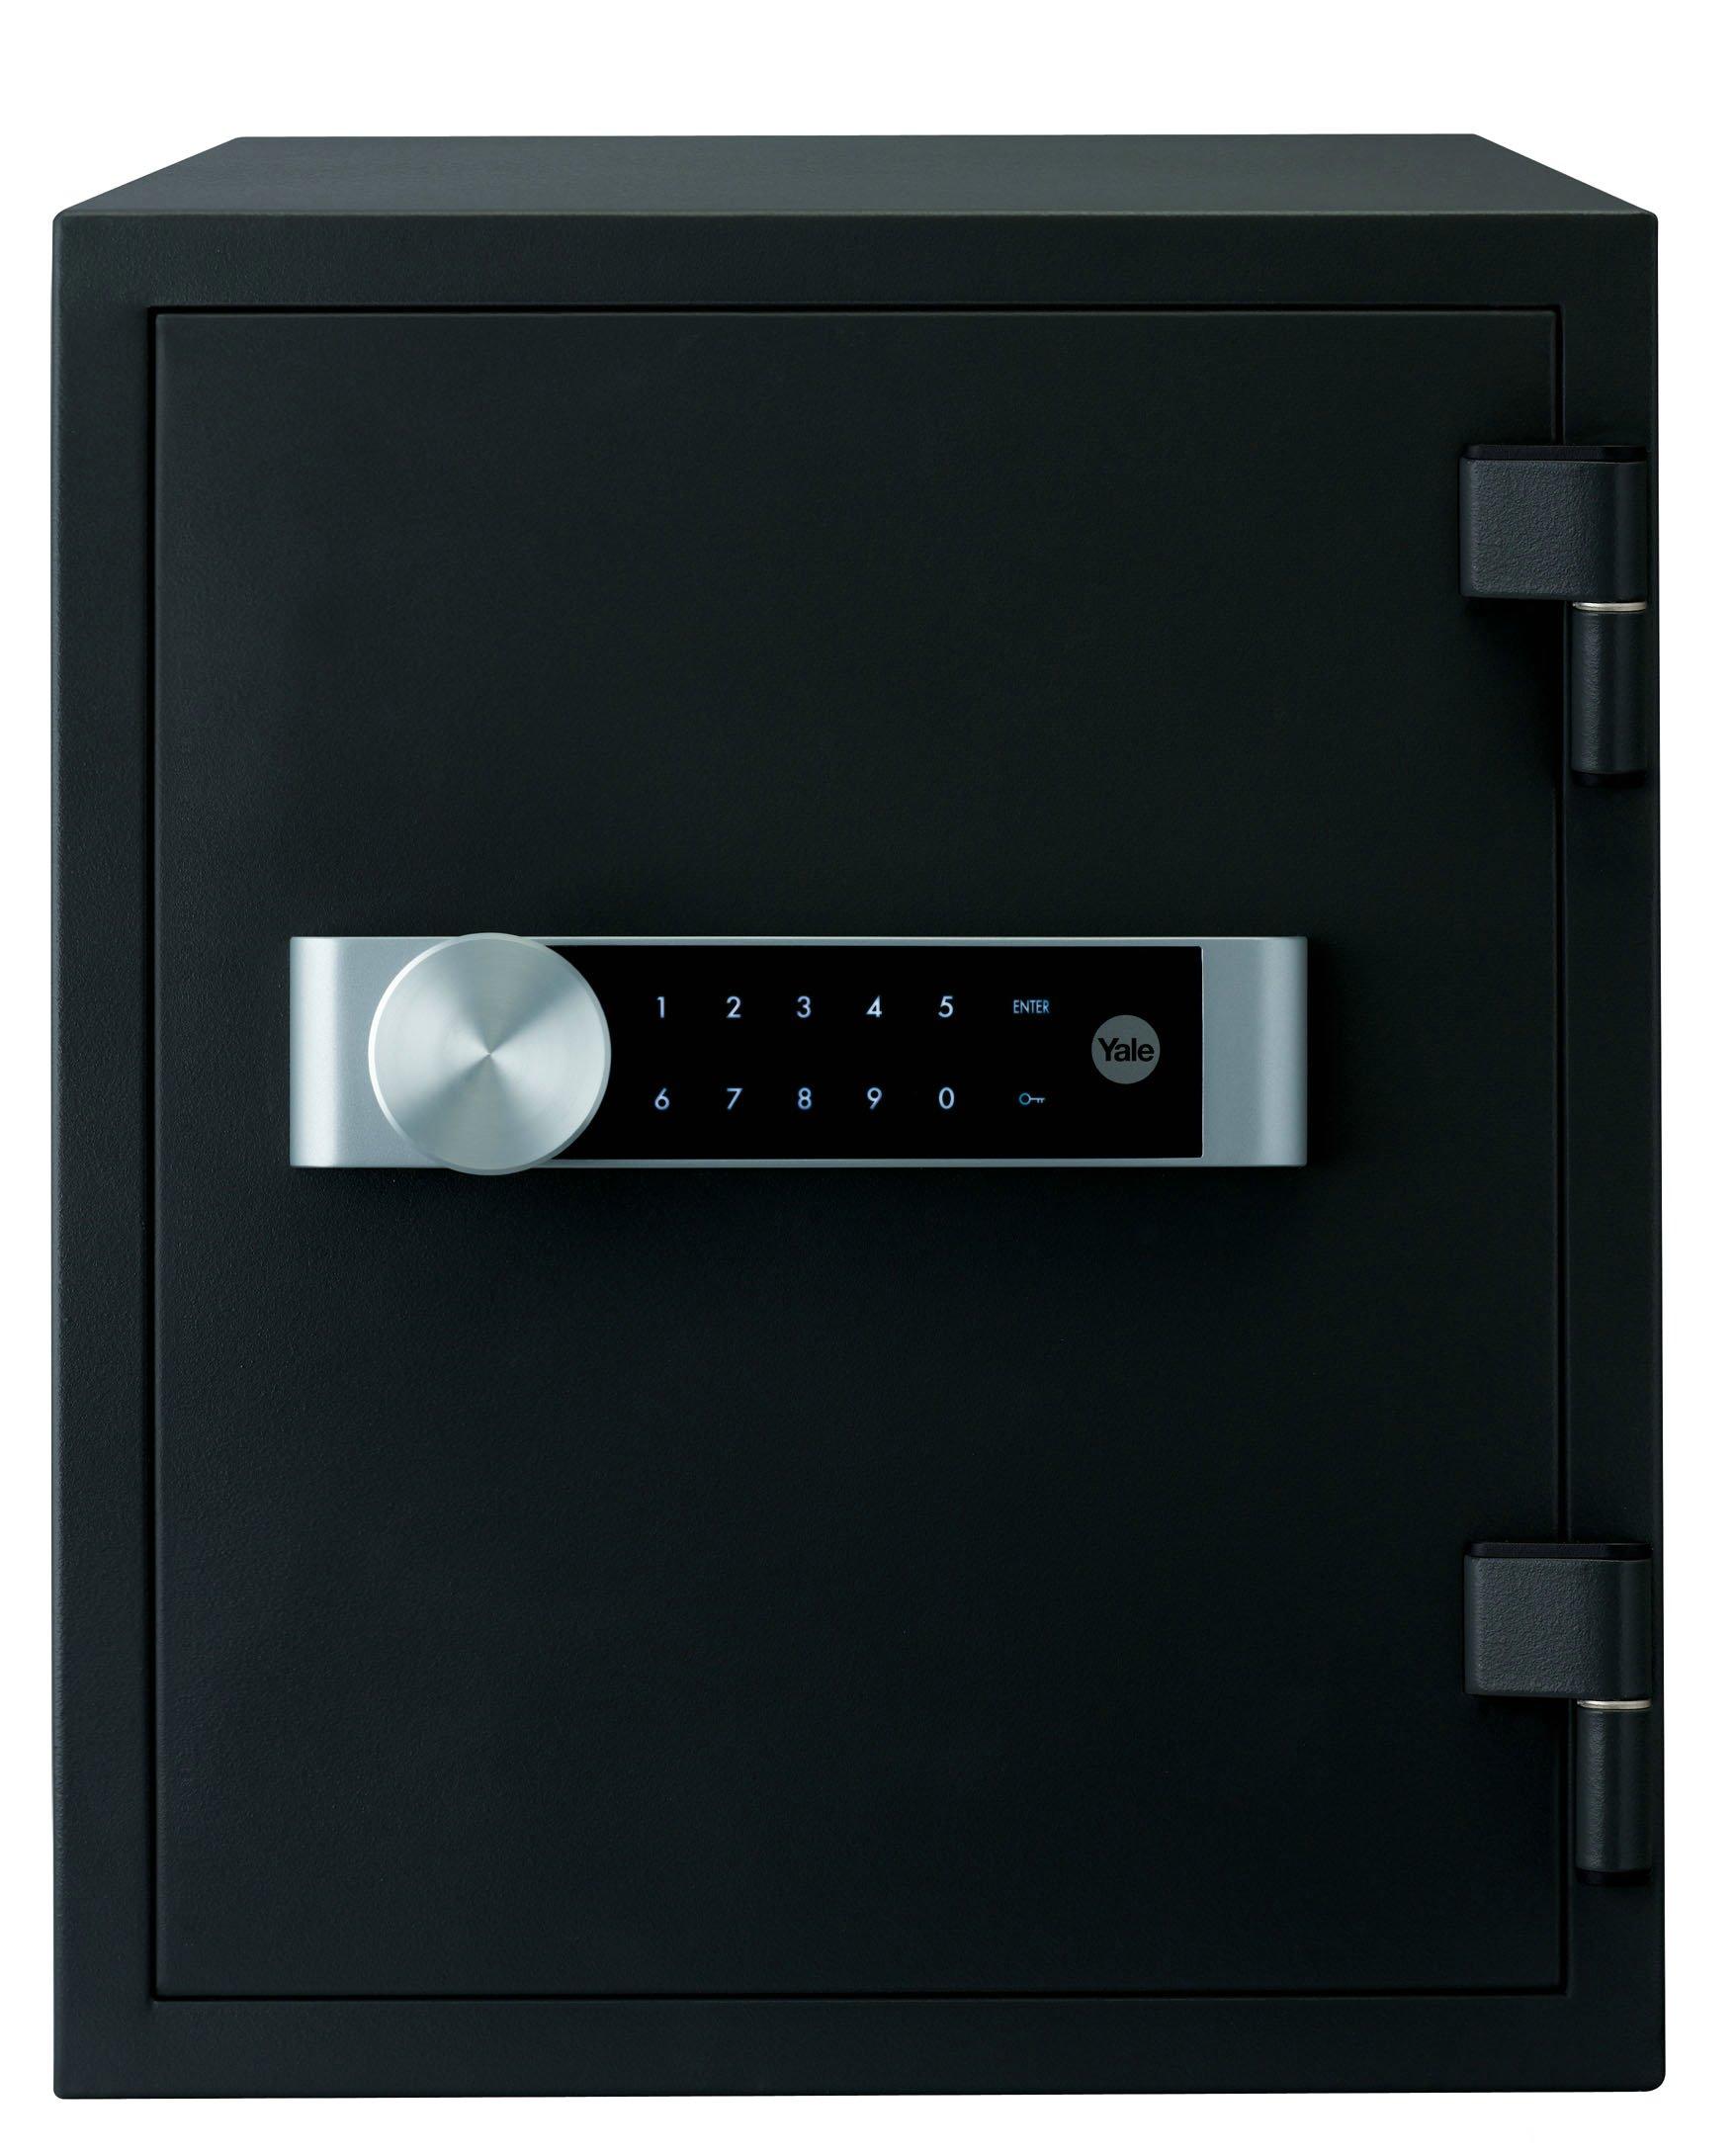 YDM/420/FG3 Caja fuerte ignífuga, para soportes infomáticos